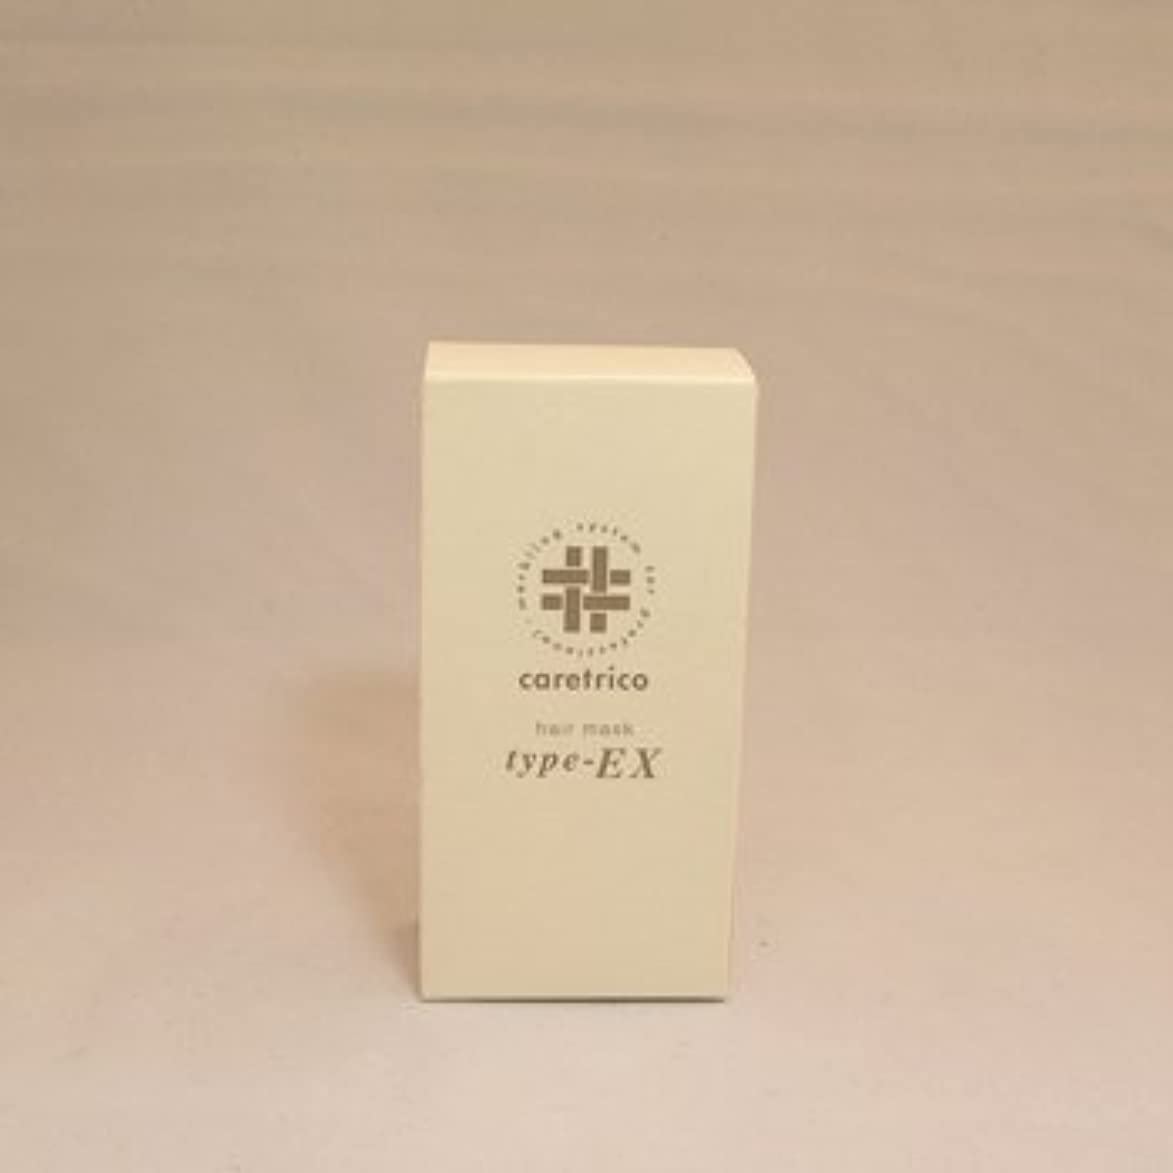 恥葉巻神アリミノ ケアトリコ ヘアマスク type-EX 130g